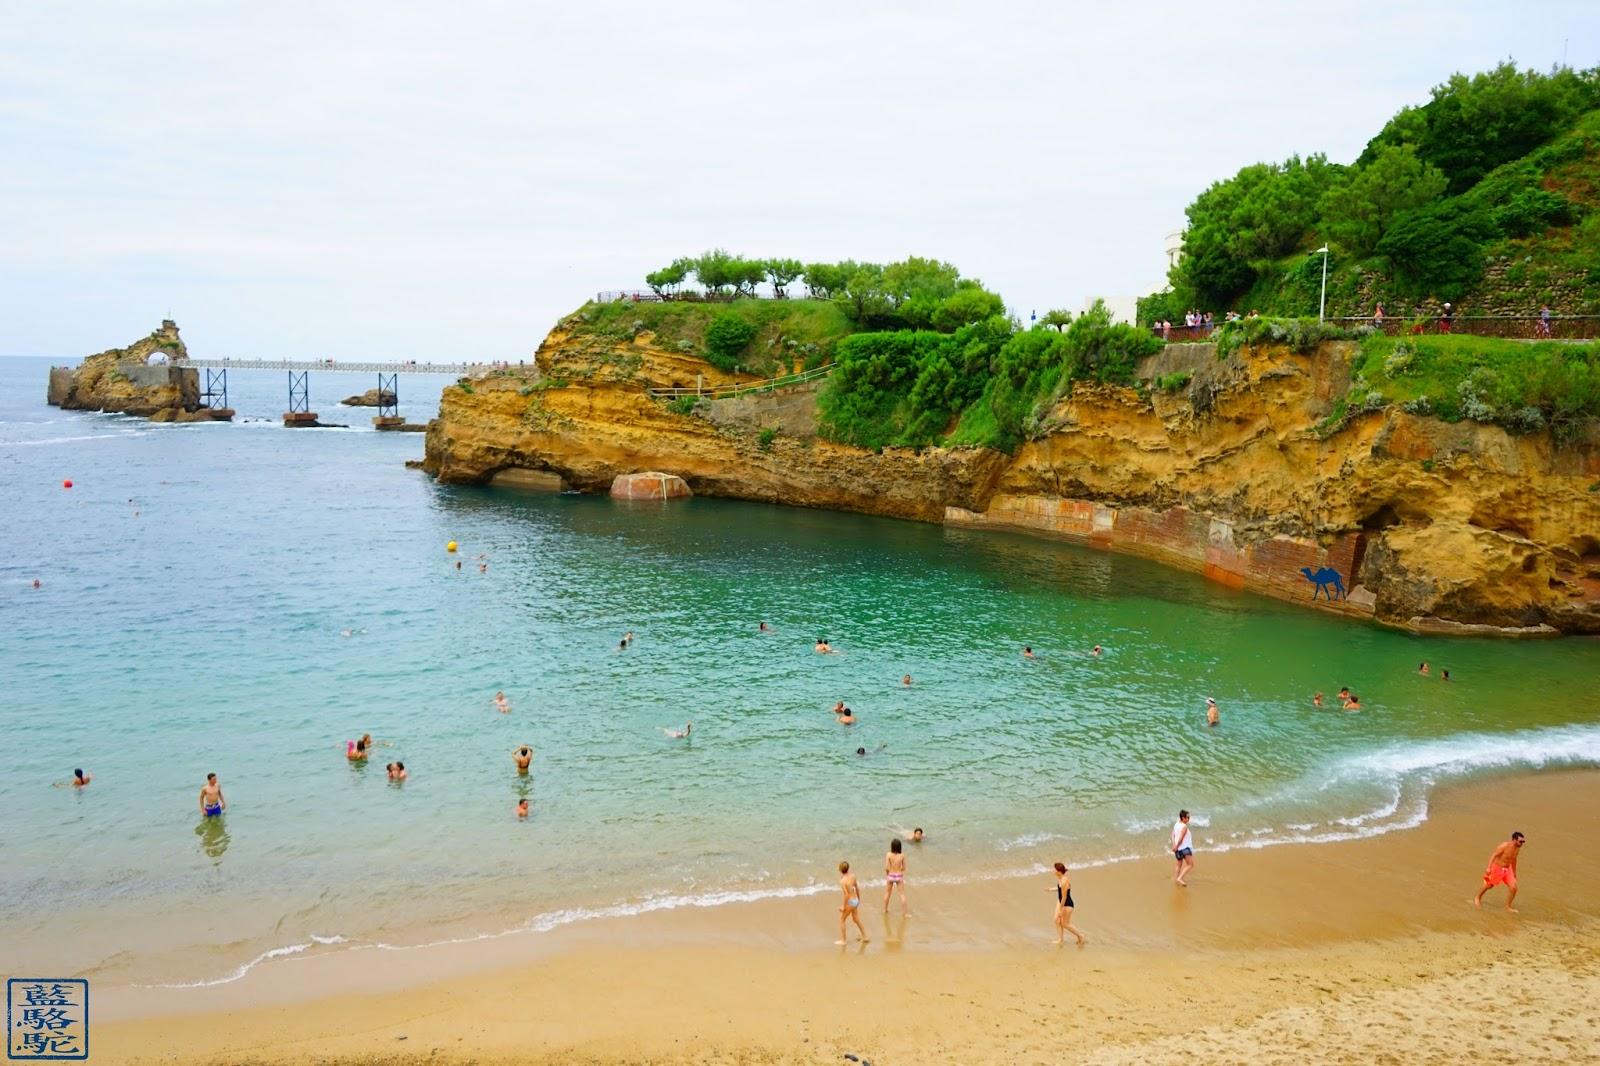 Le Chameau Bleu - La Plage du Port-Vieux - Biarritz- Sud Ouest